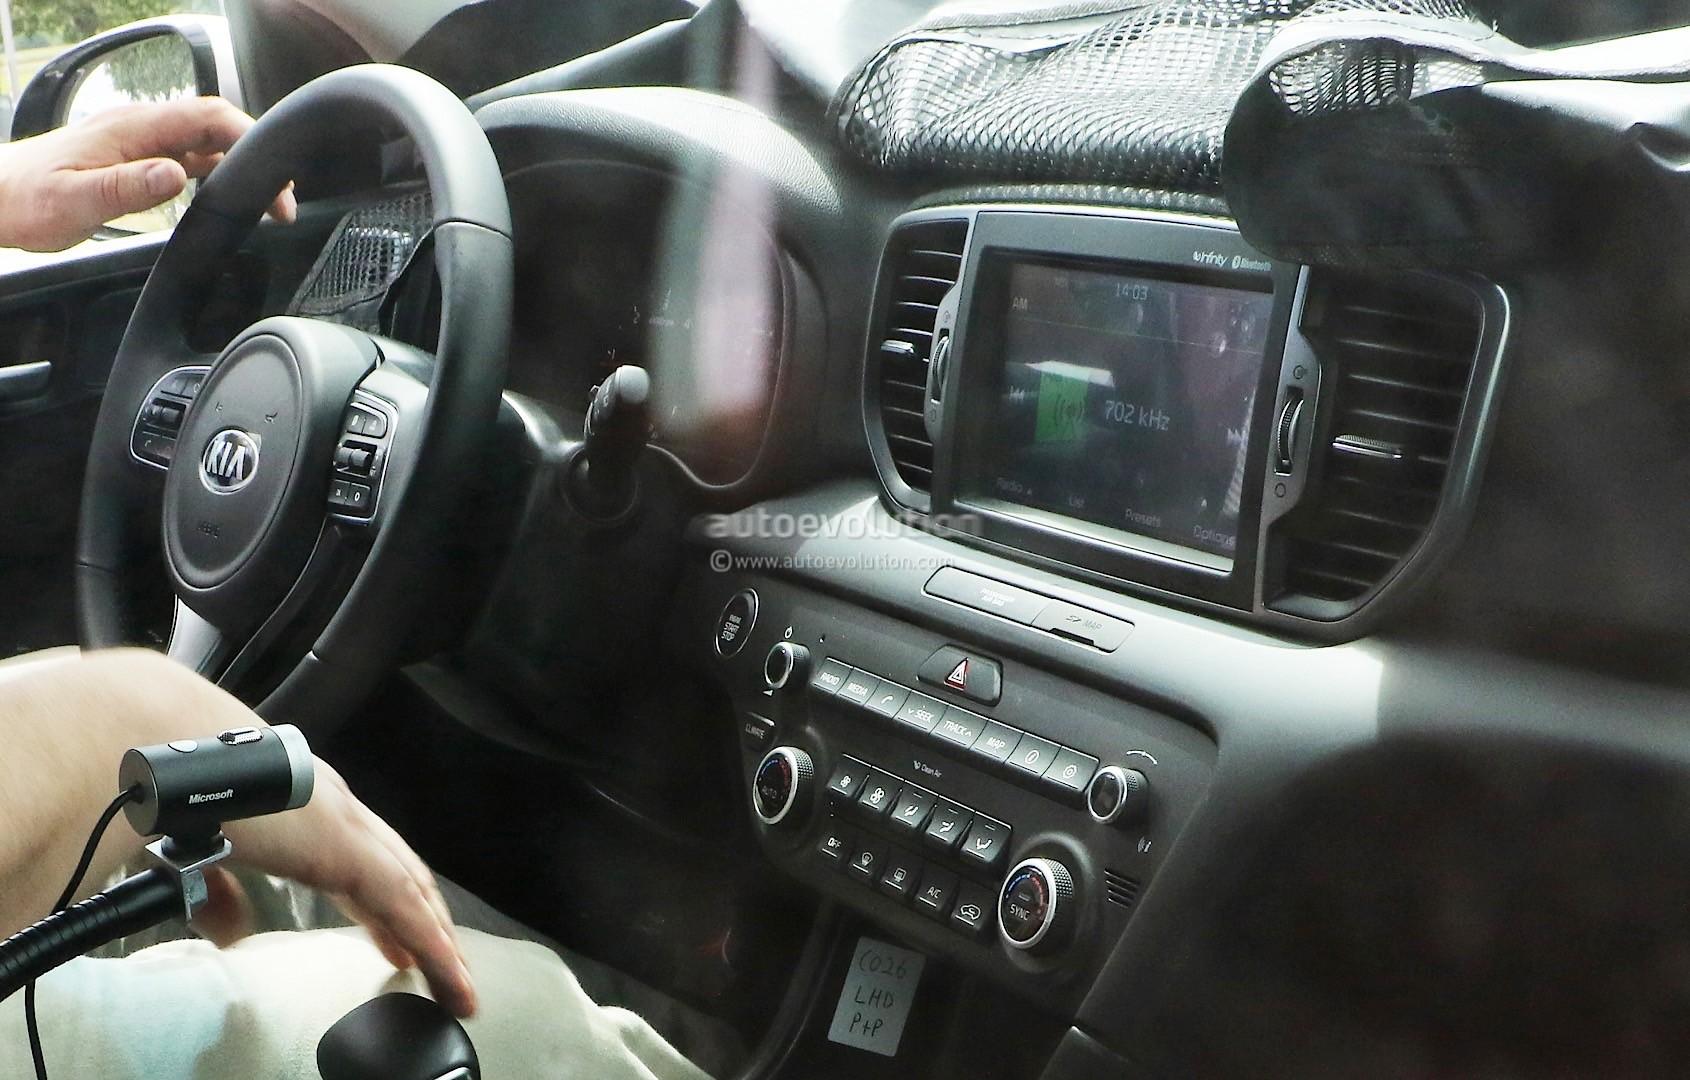 2016 kia sportage live photos show us the production ready goodies autoevolution